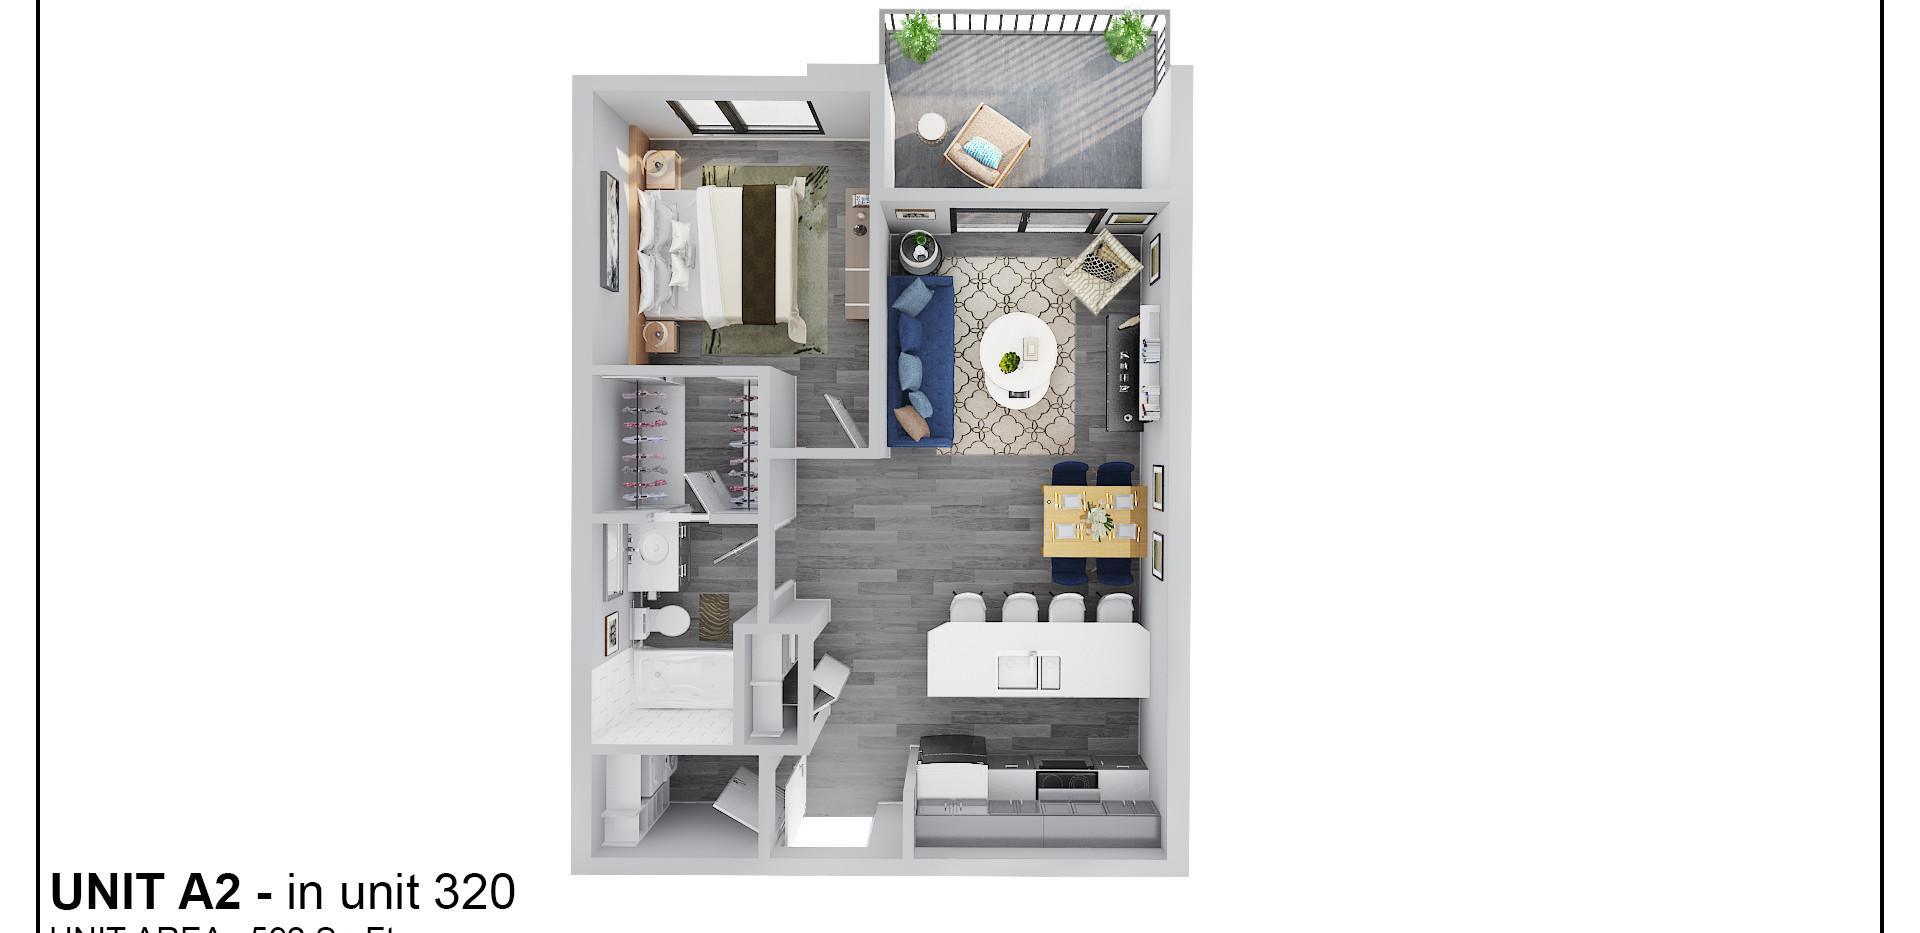 Floor Three - Unit A2 - 320